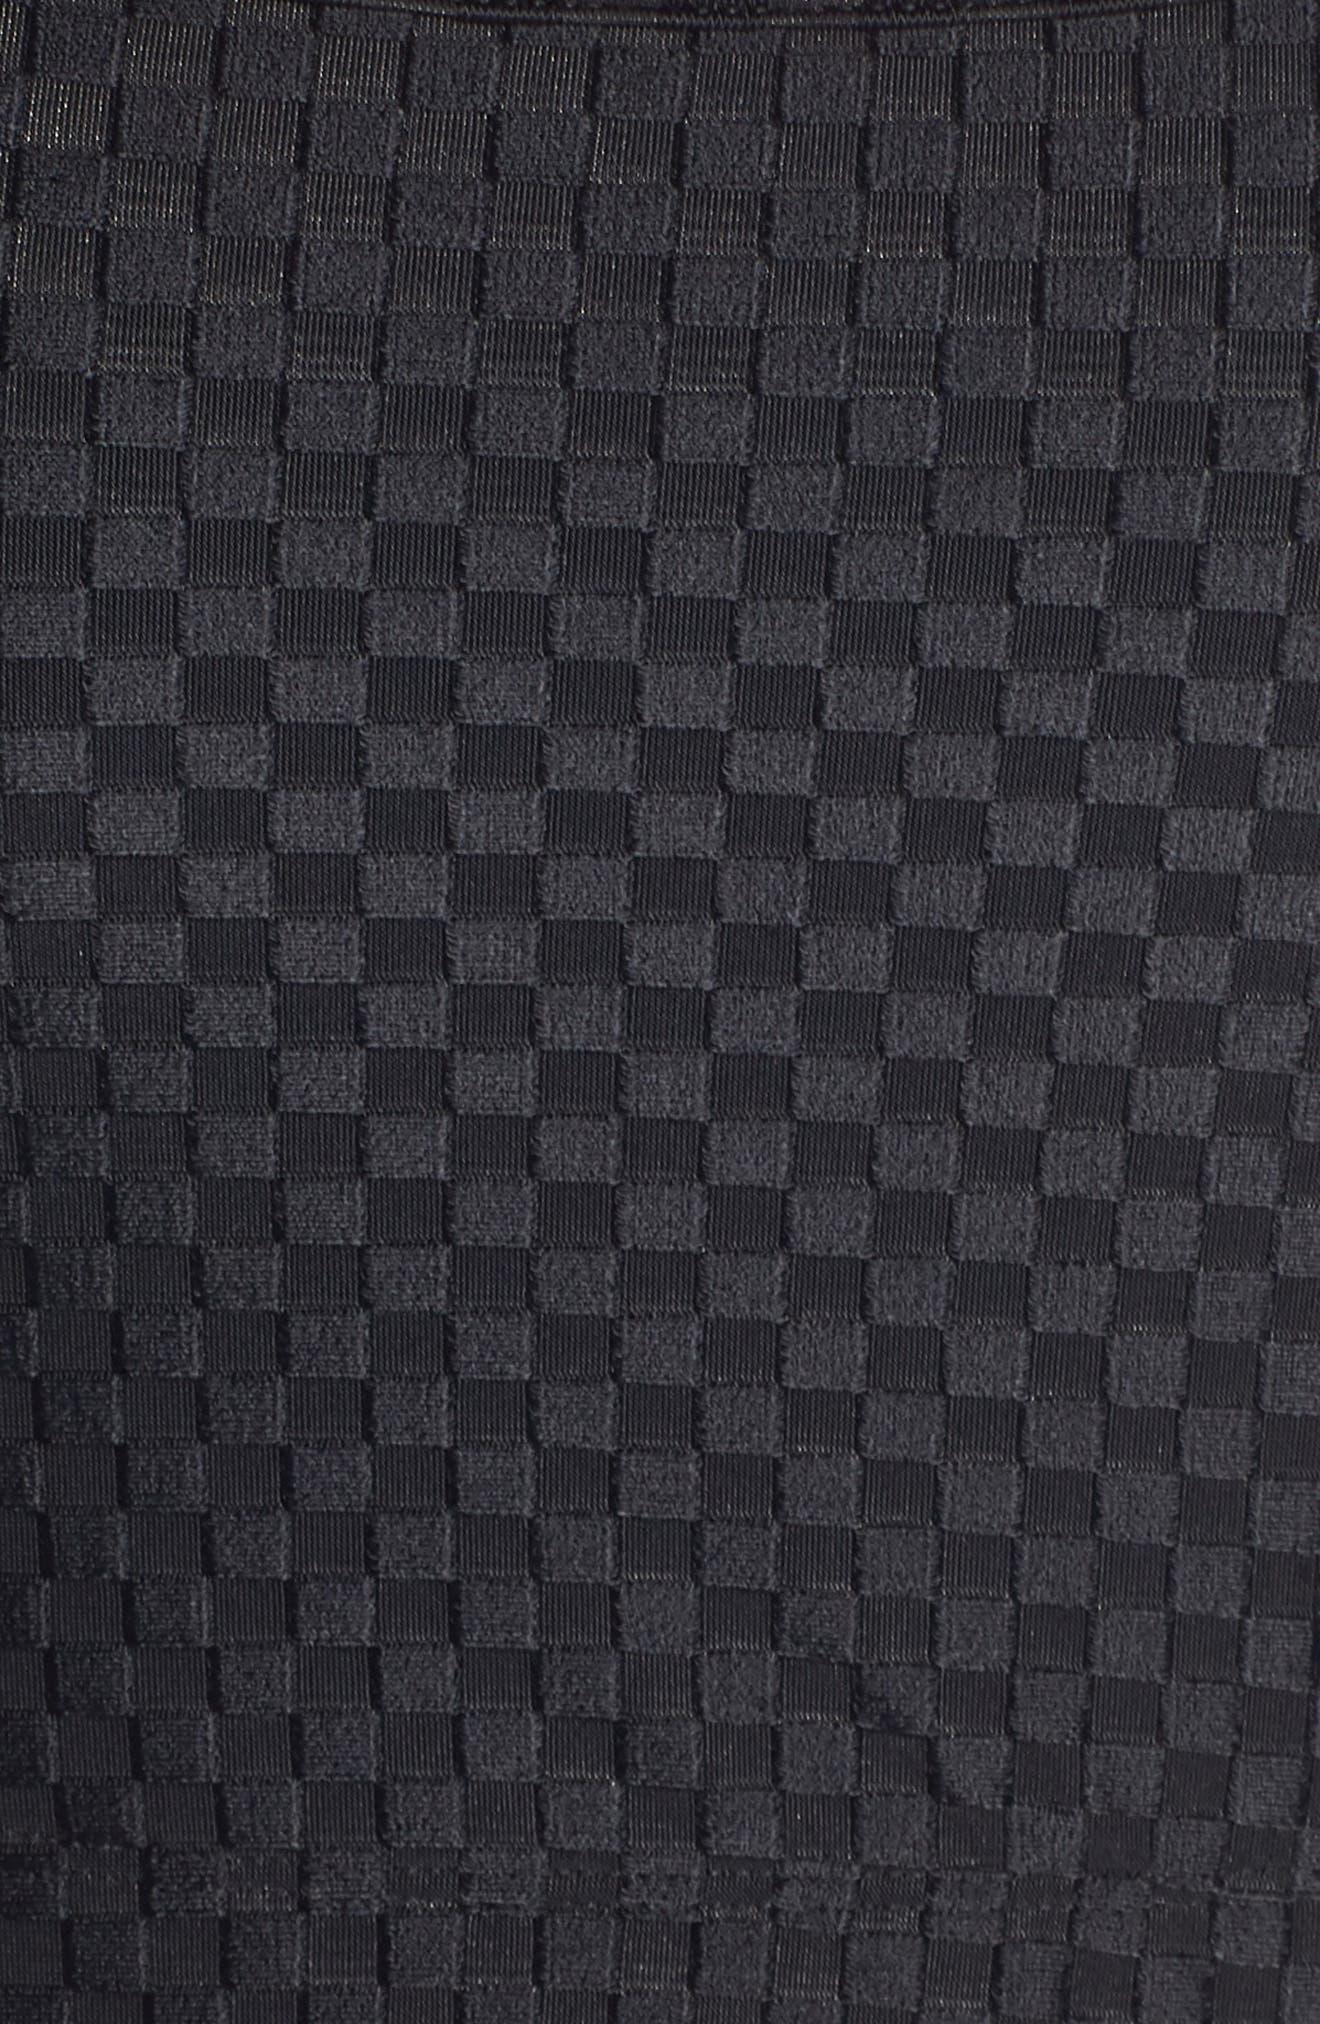 Nitro Sports Bra,                             Alternate thumbnail 6, color,                             BLACK